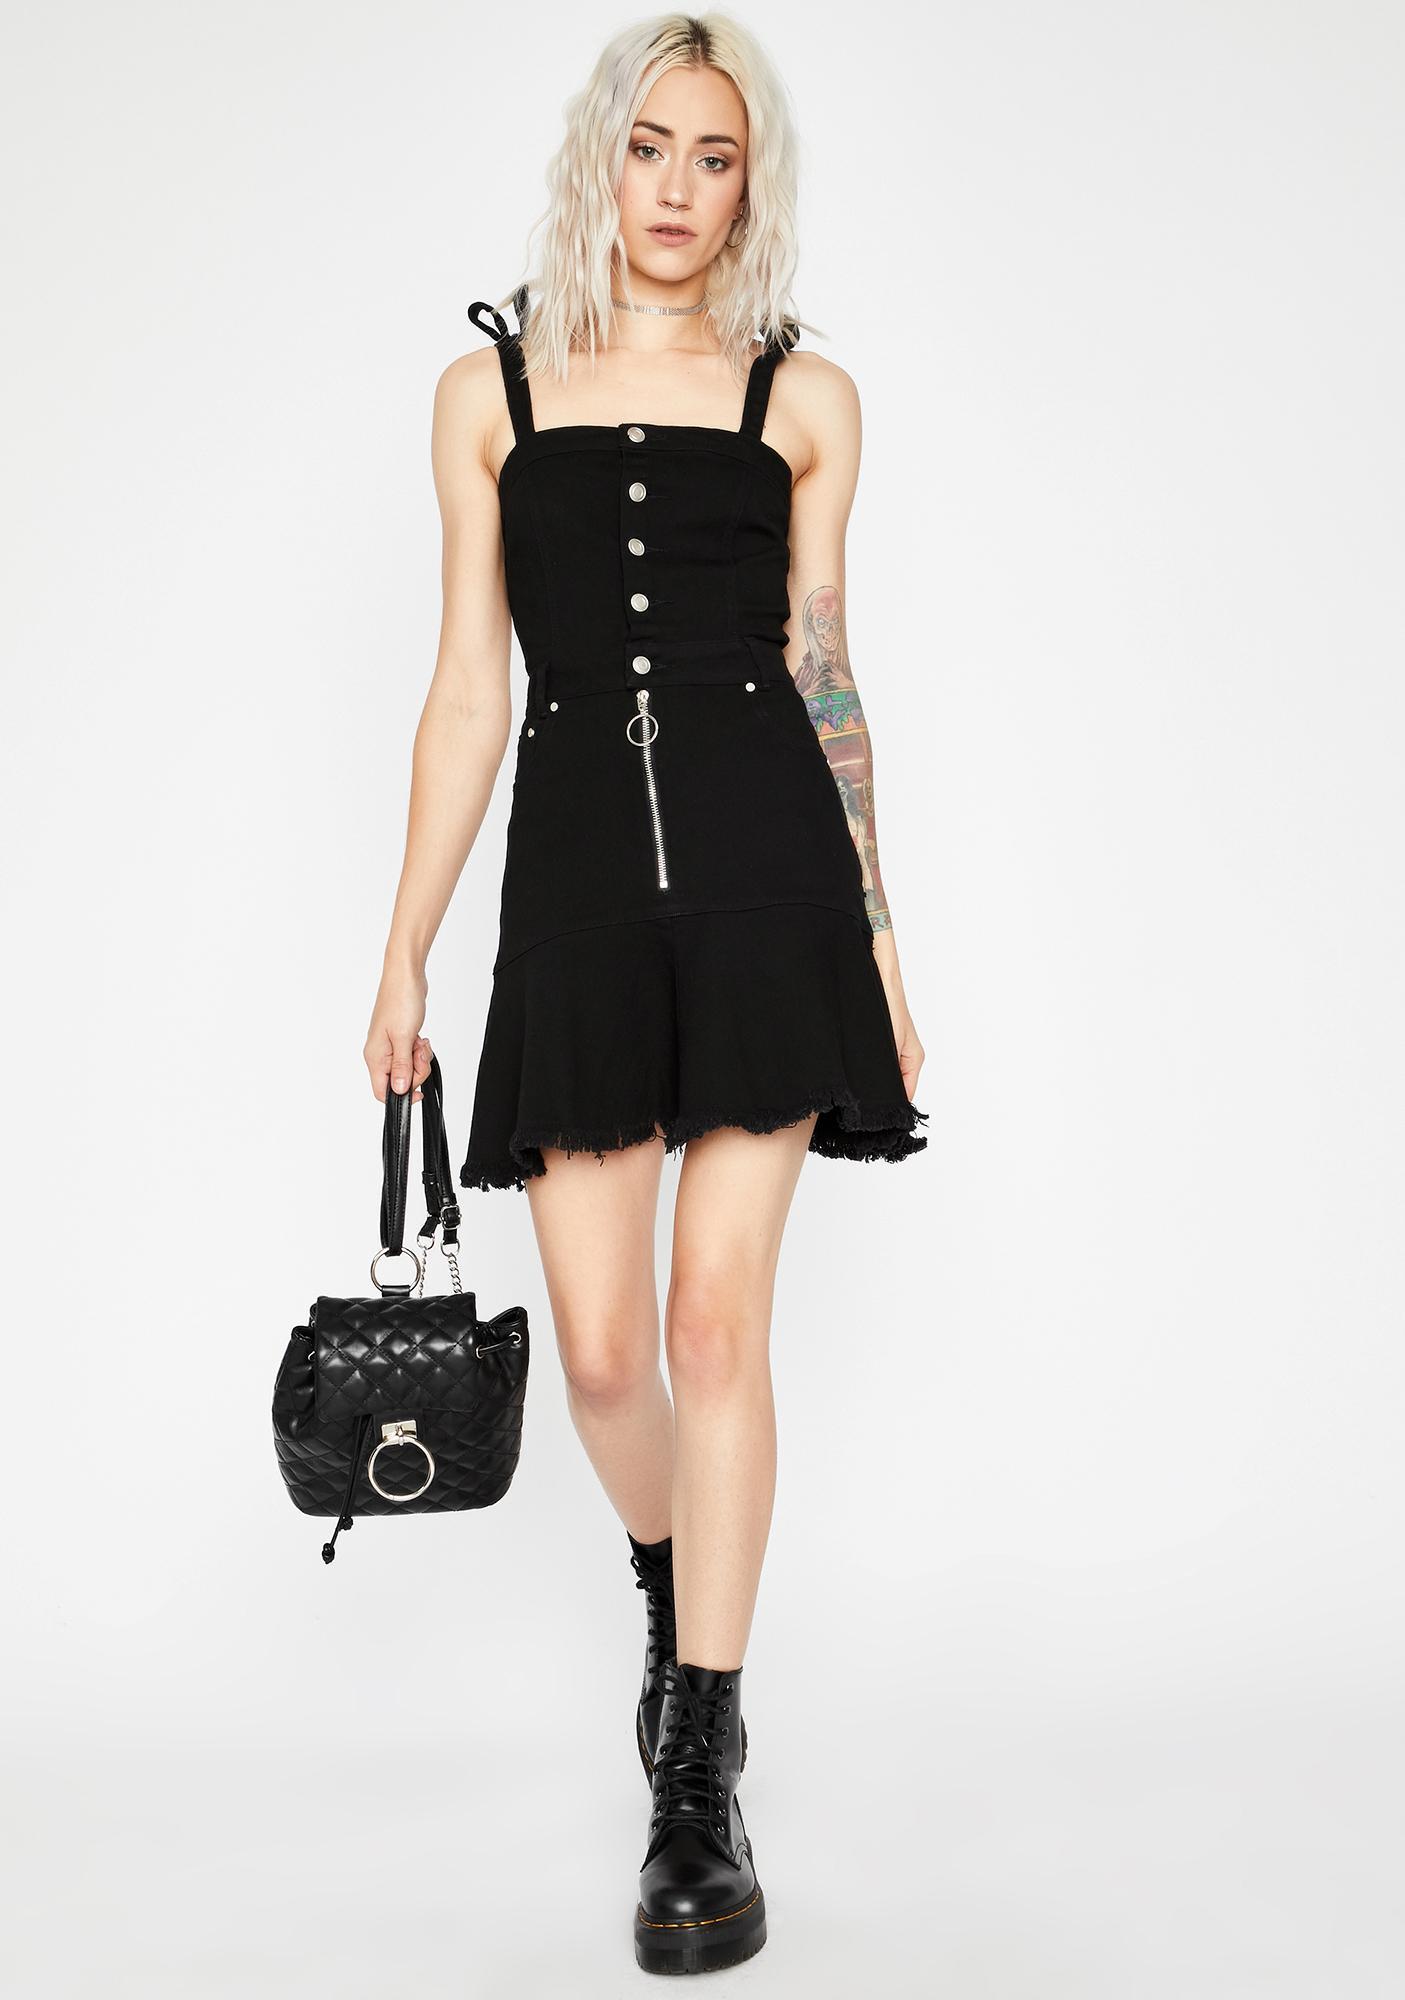 Chic Chick Mini Dress